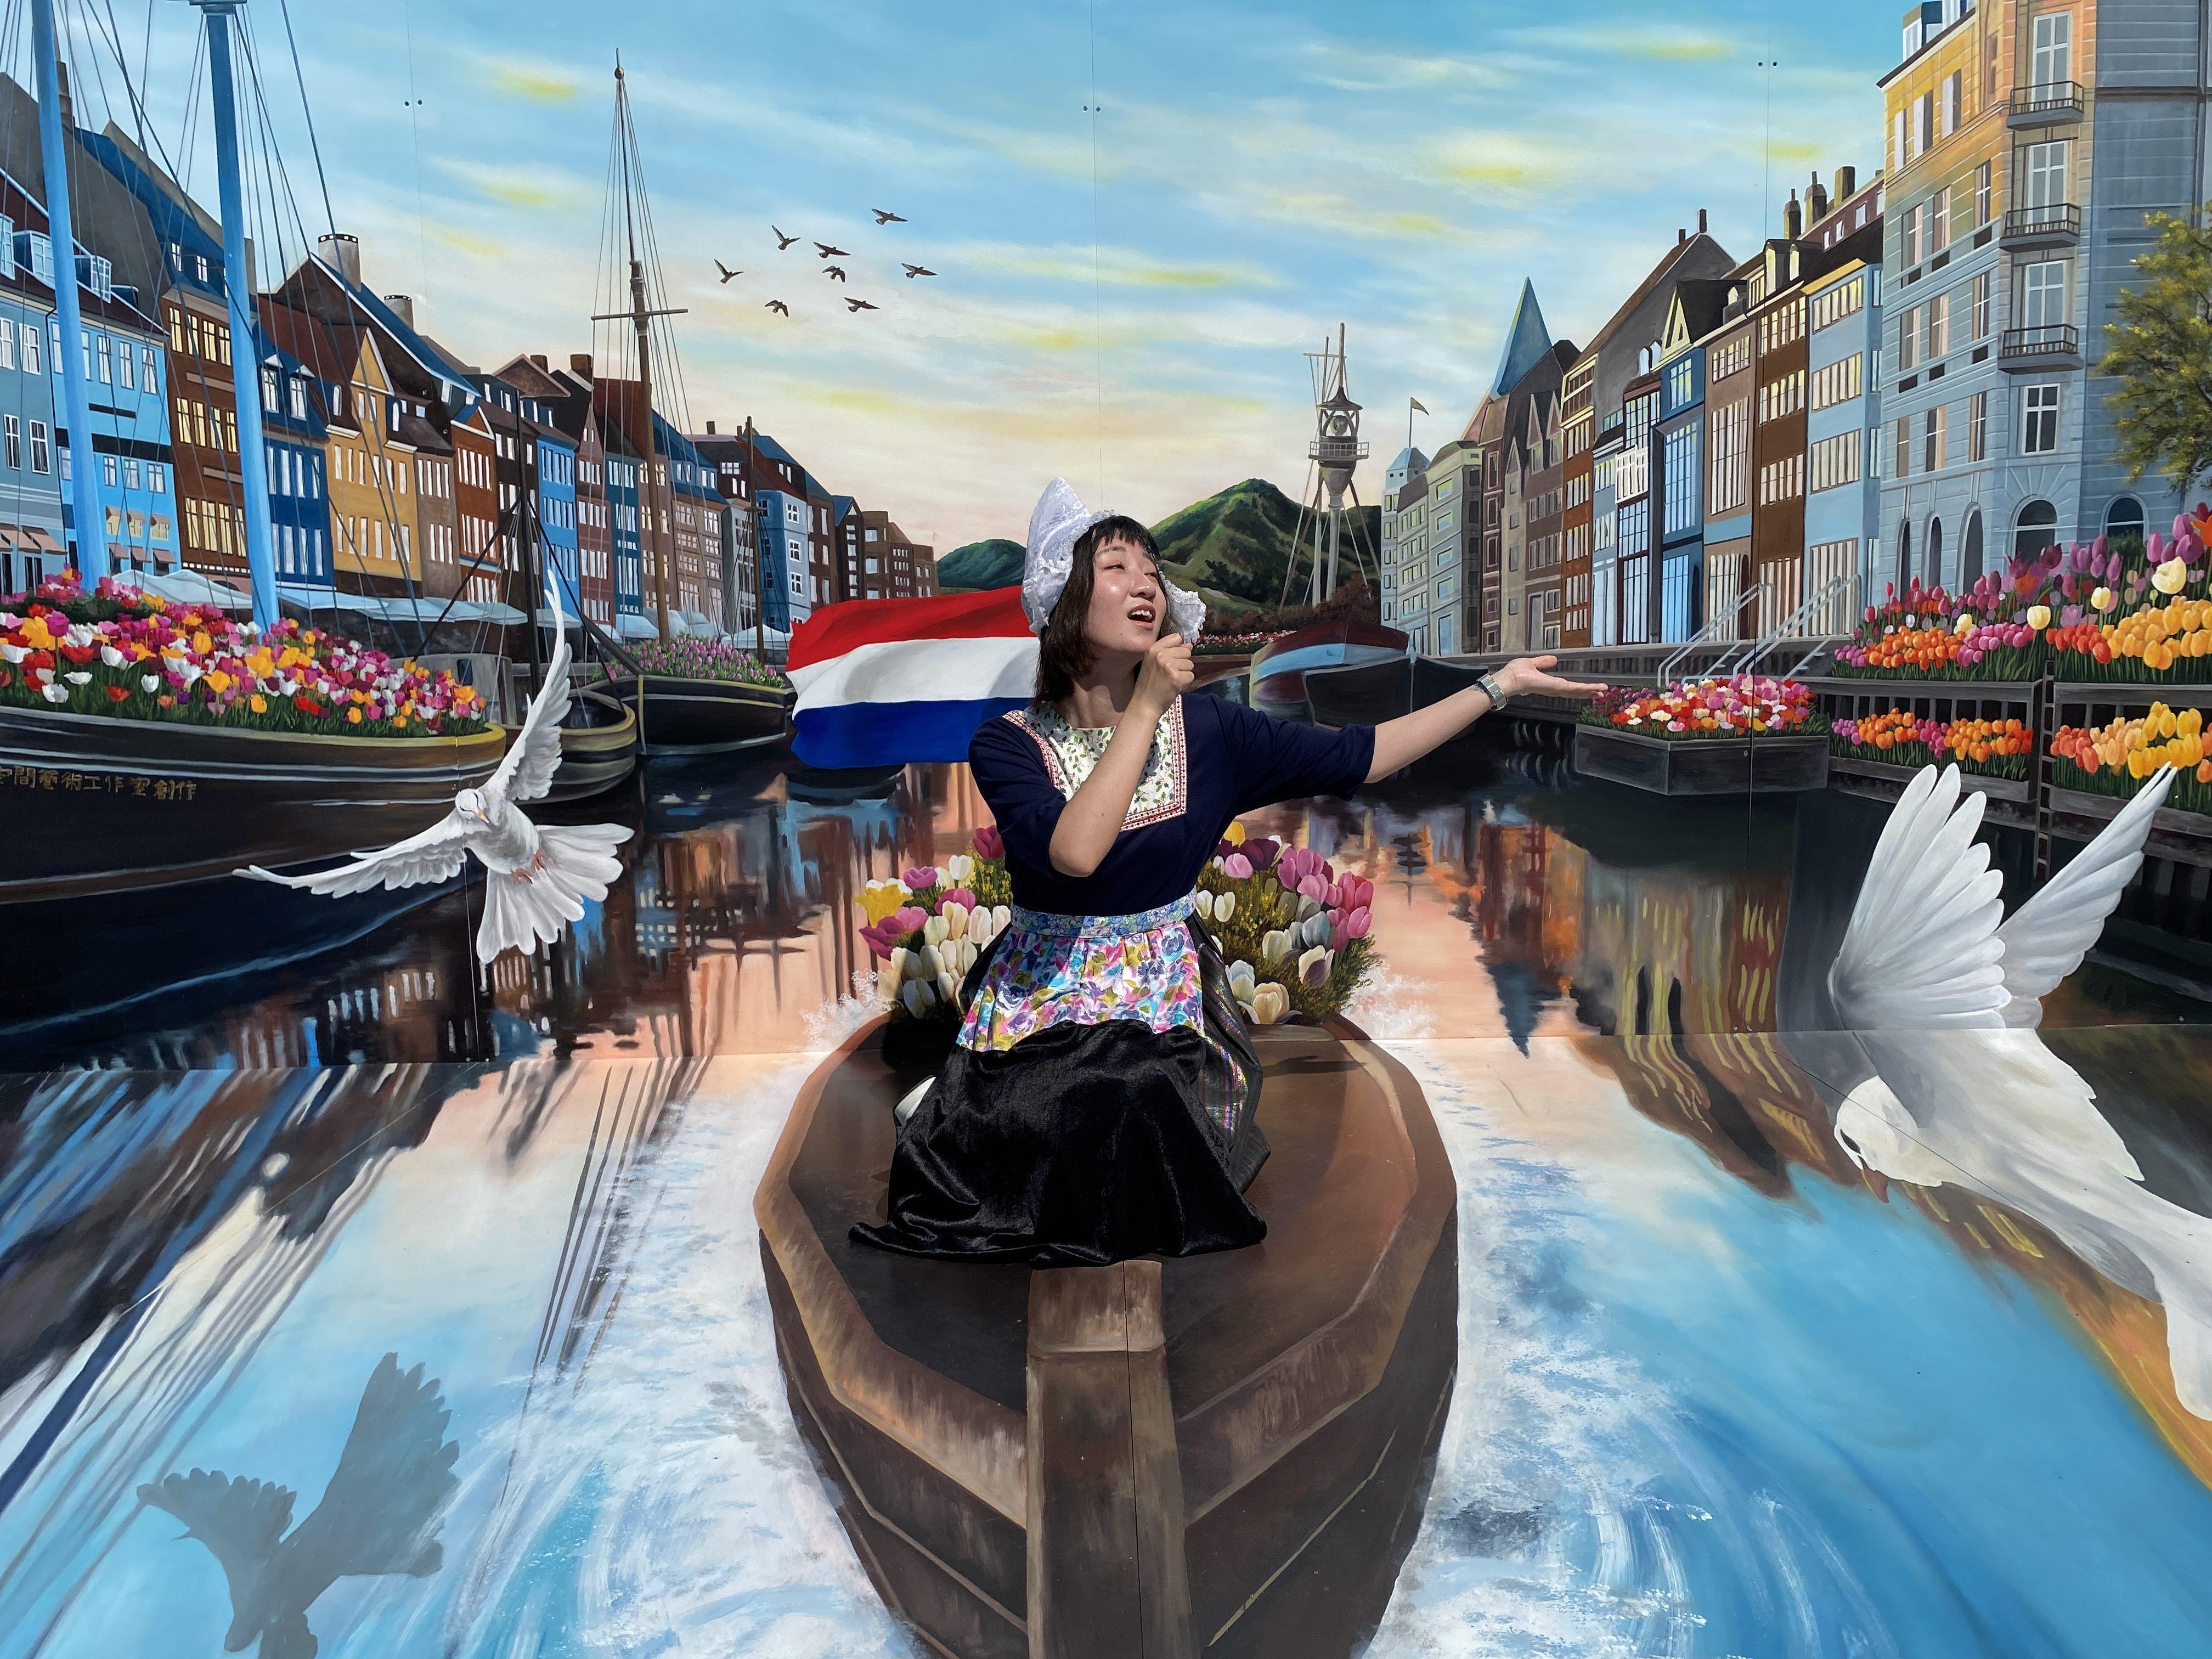 圖6.透過3D彩繪想像乘座遊船帶您遊阿姆斯特丹的運河屋